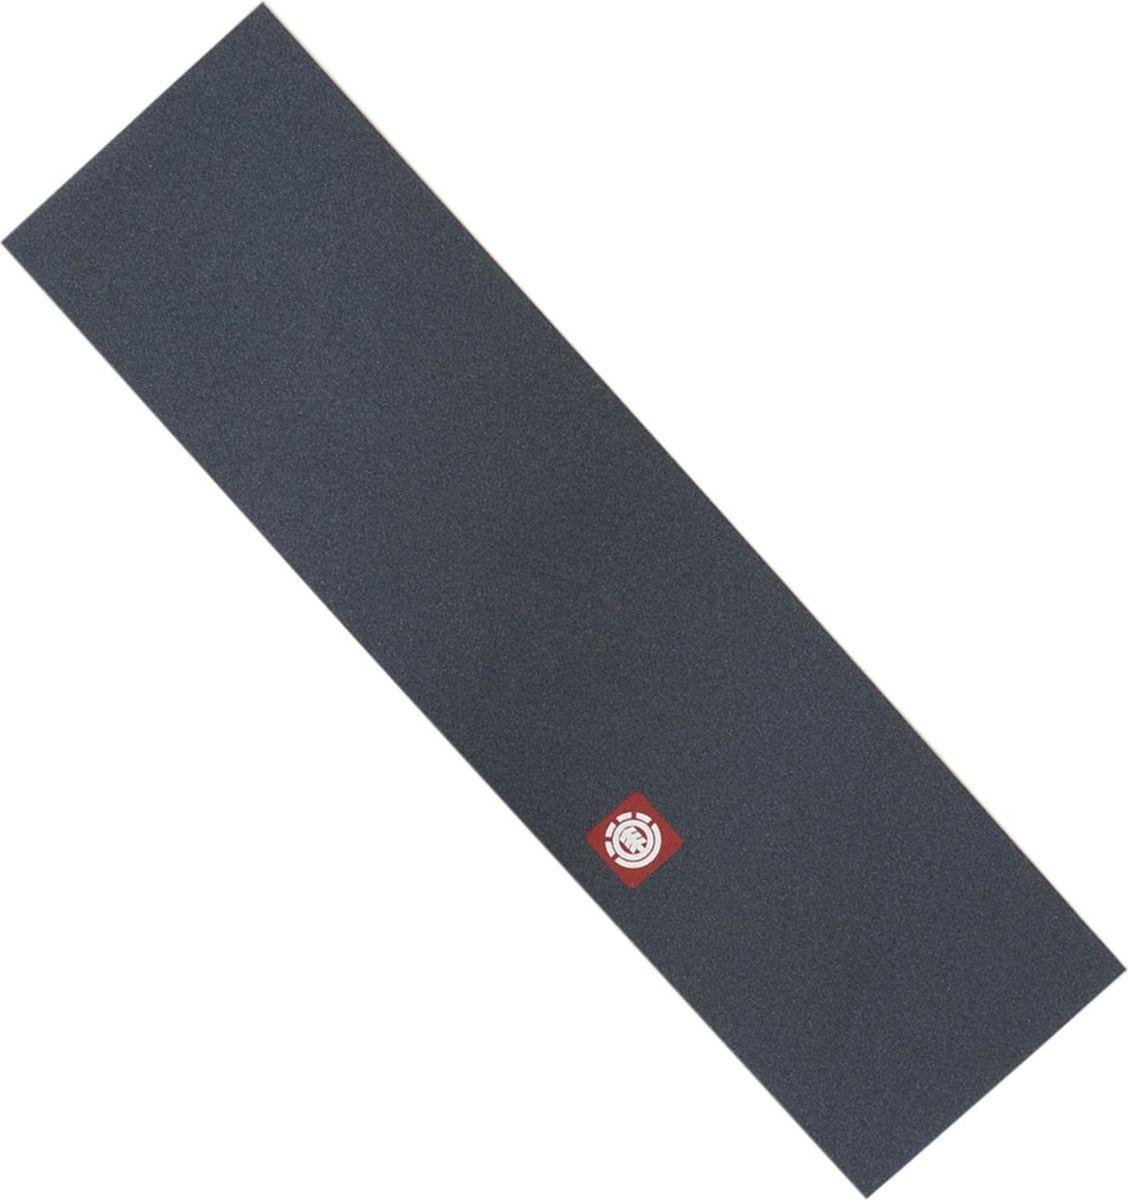 Шкурка для скейтборда Element Square Icon Grip, N4AHA1-ELP9-1 винты для скейтборда 3d film bolts allen 1